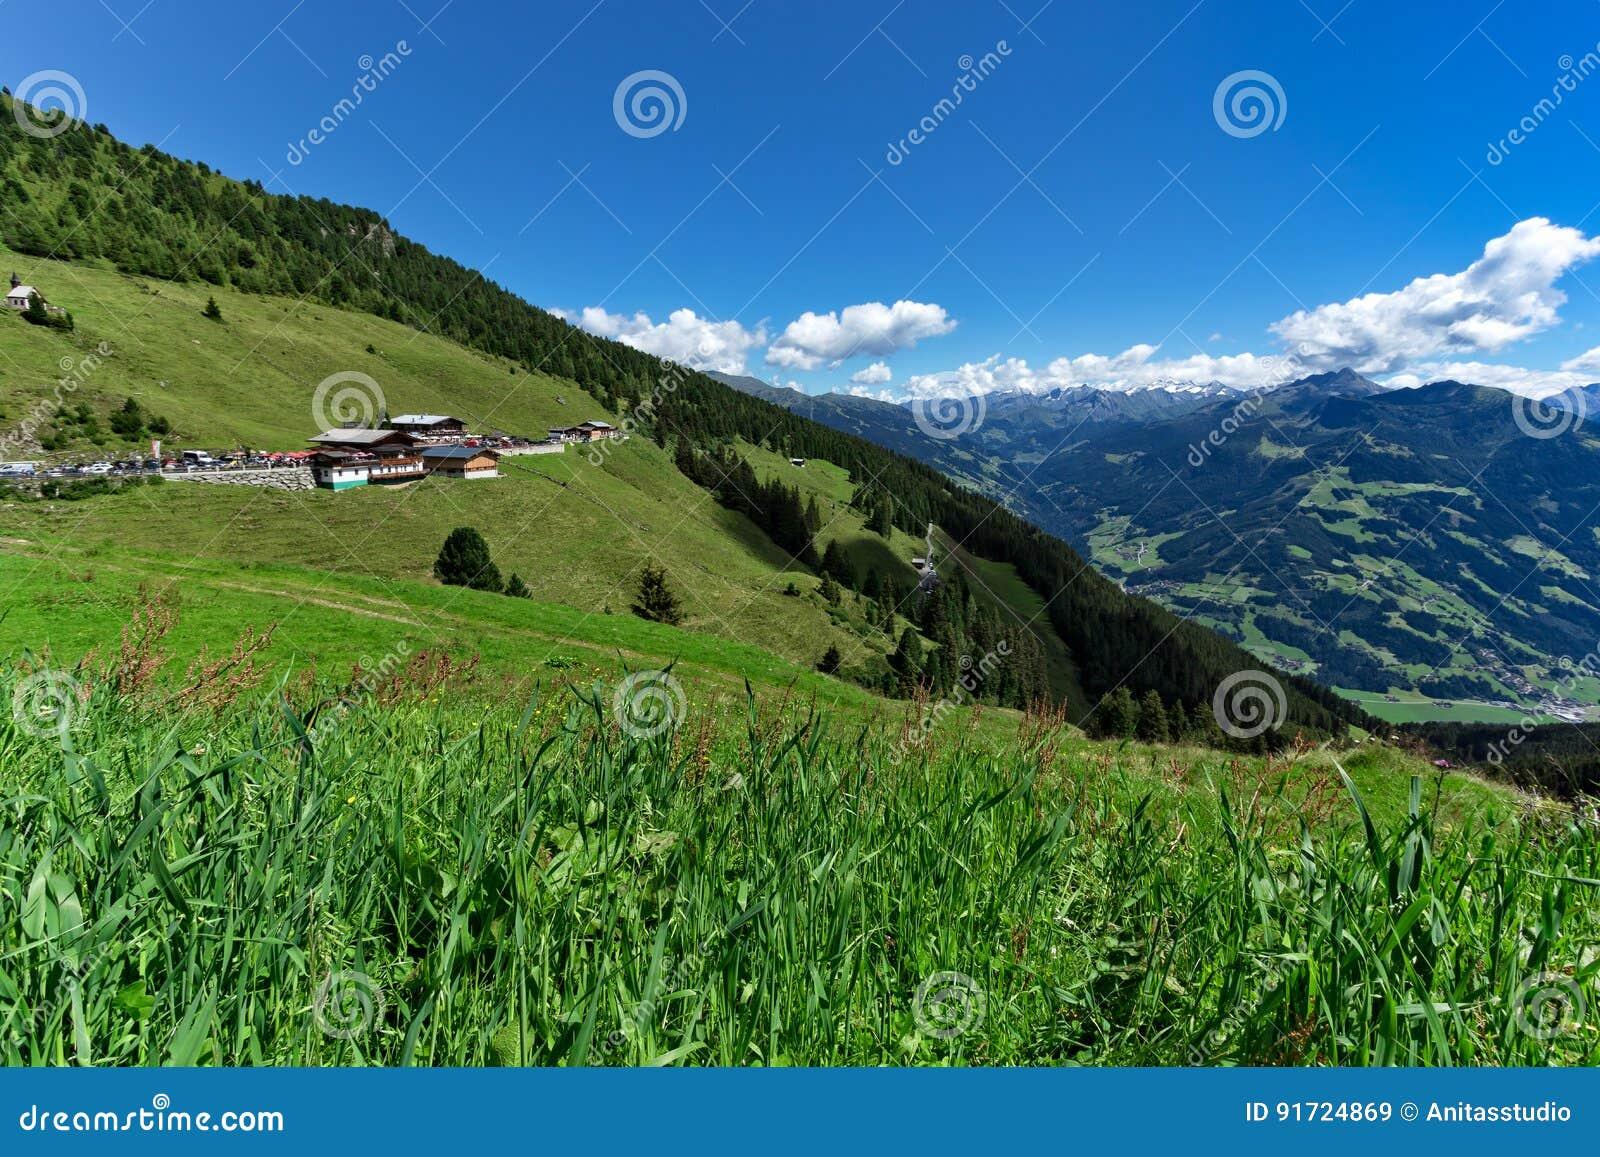 Opinión de ángulo bajo del prado verde y del pueblo alpino con las altas montañas debajo del cielo azul Austria, el Tirol, Ziller